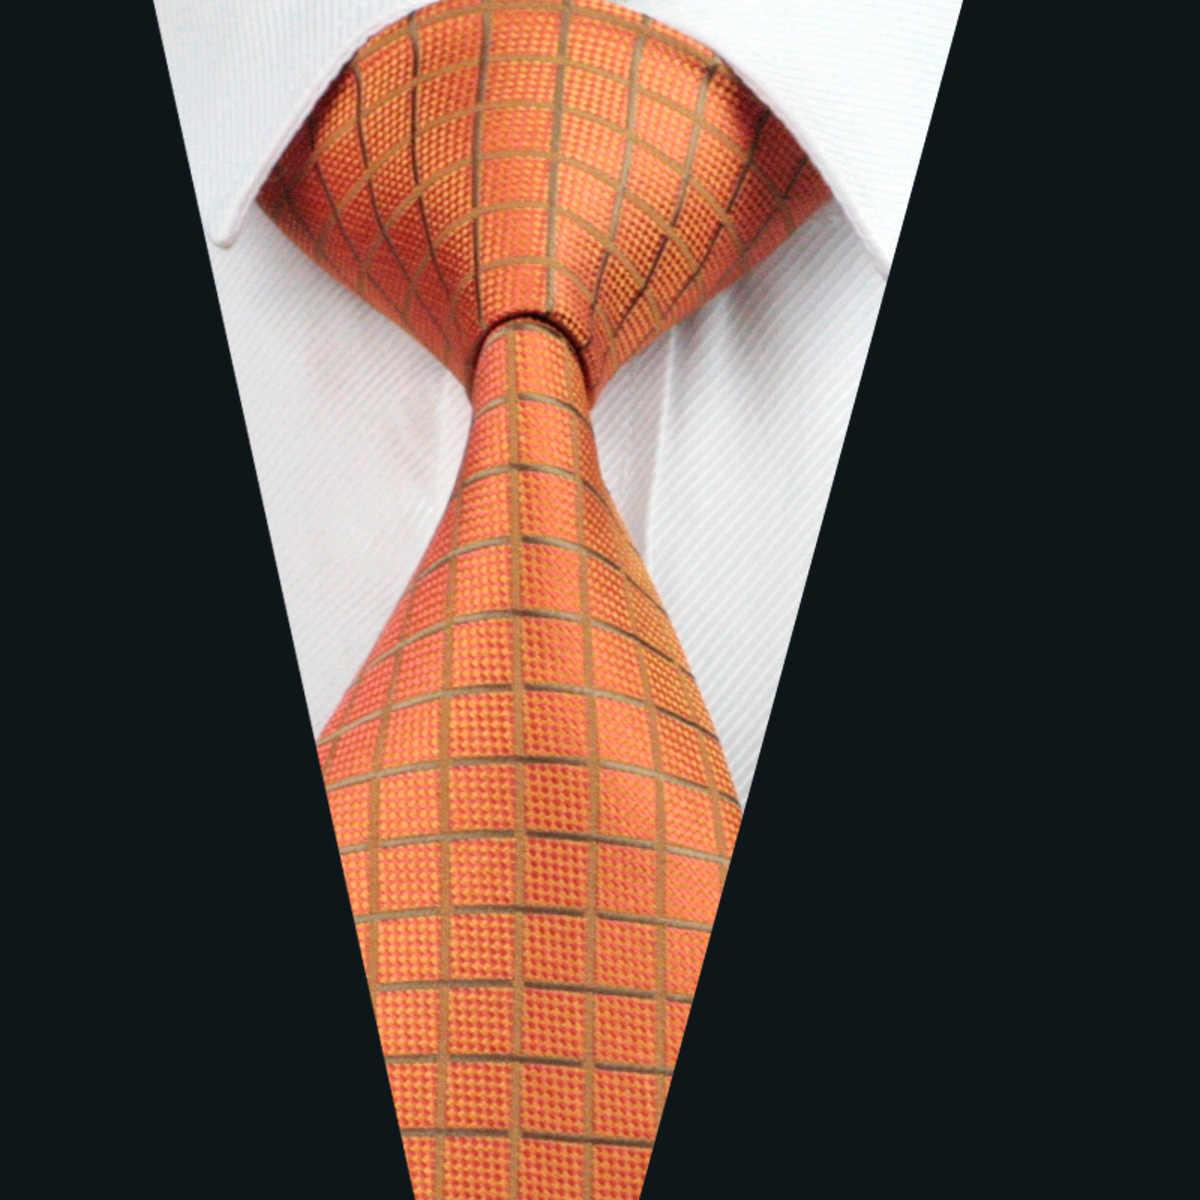 DH-464 Erkek Ipek Kravat Turuncu Ekose Kravat % 100% İpek Jakar Kravat Erkekler İş Düğün Parti için Ücretsiz Nakliye